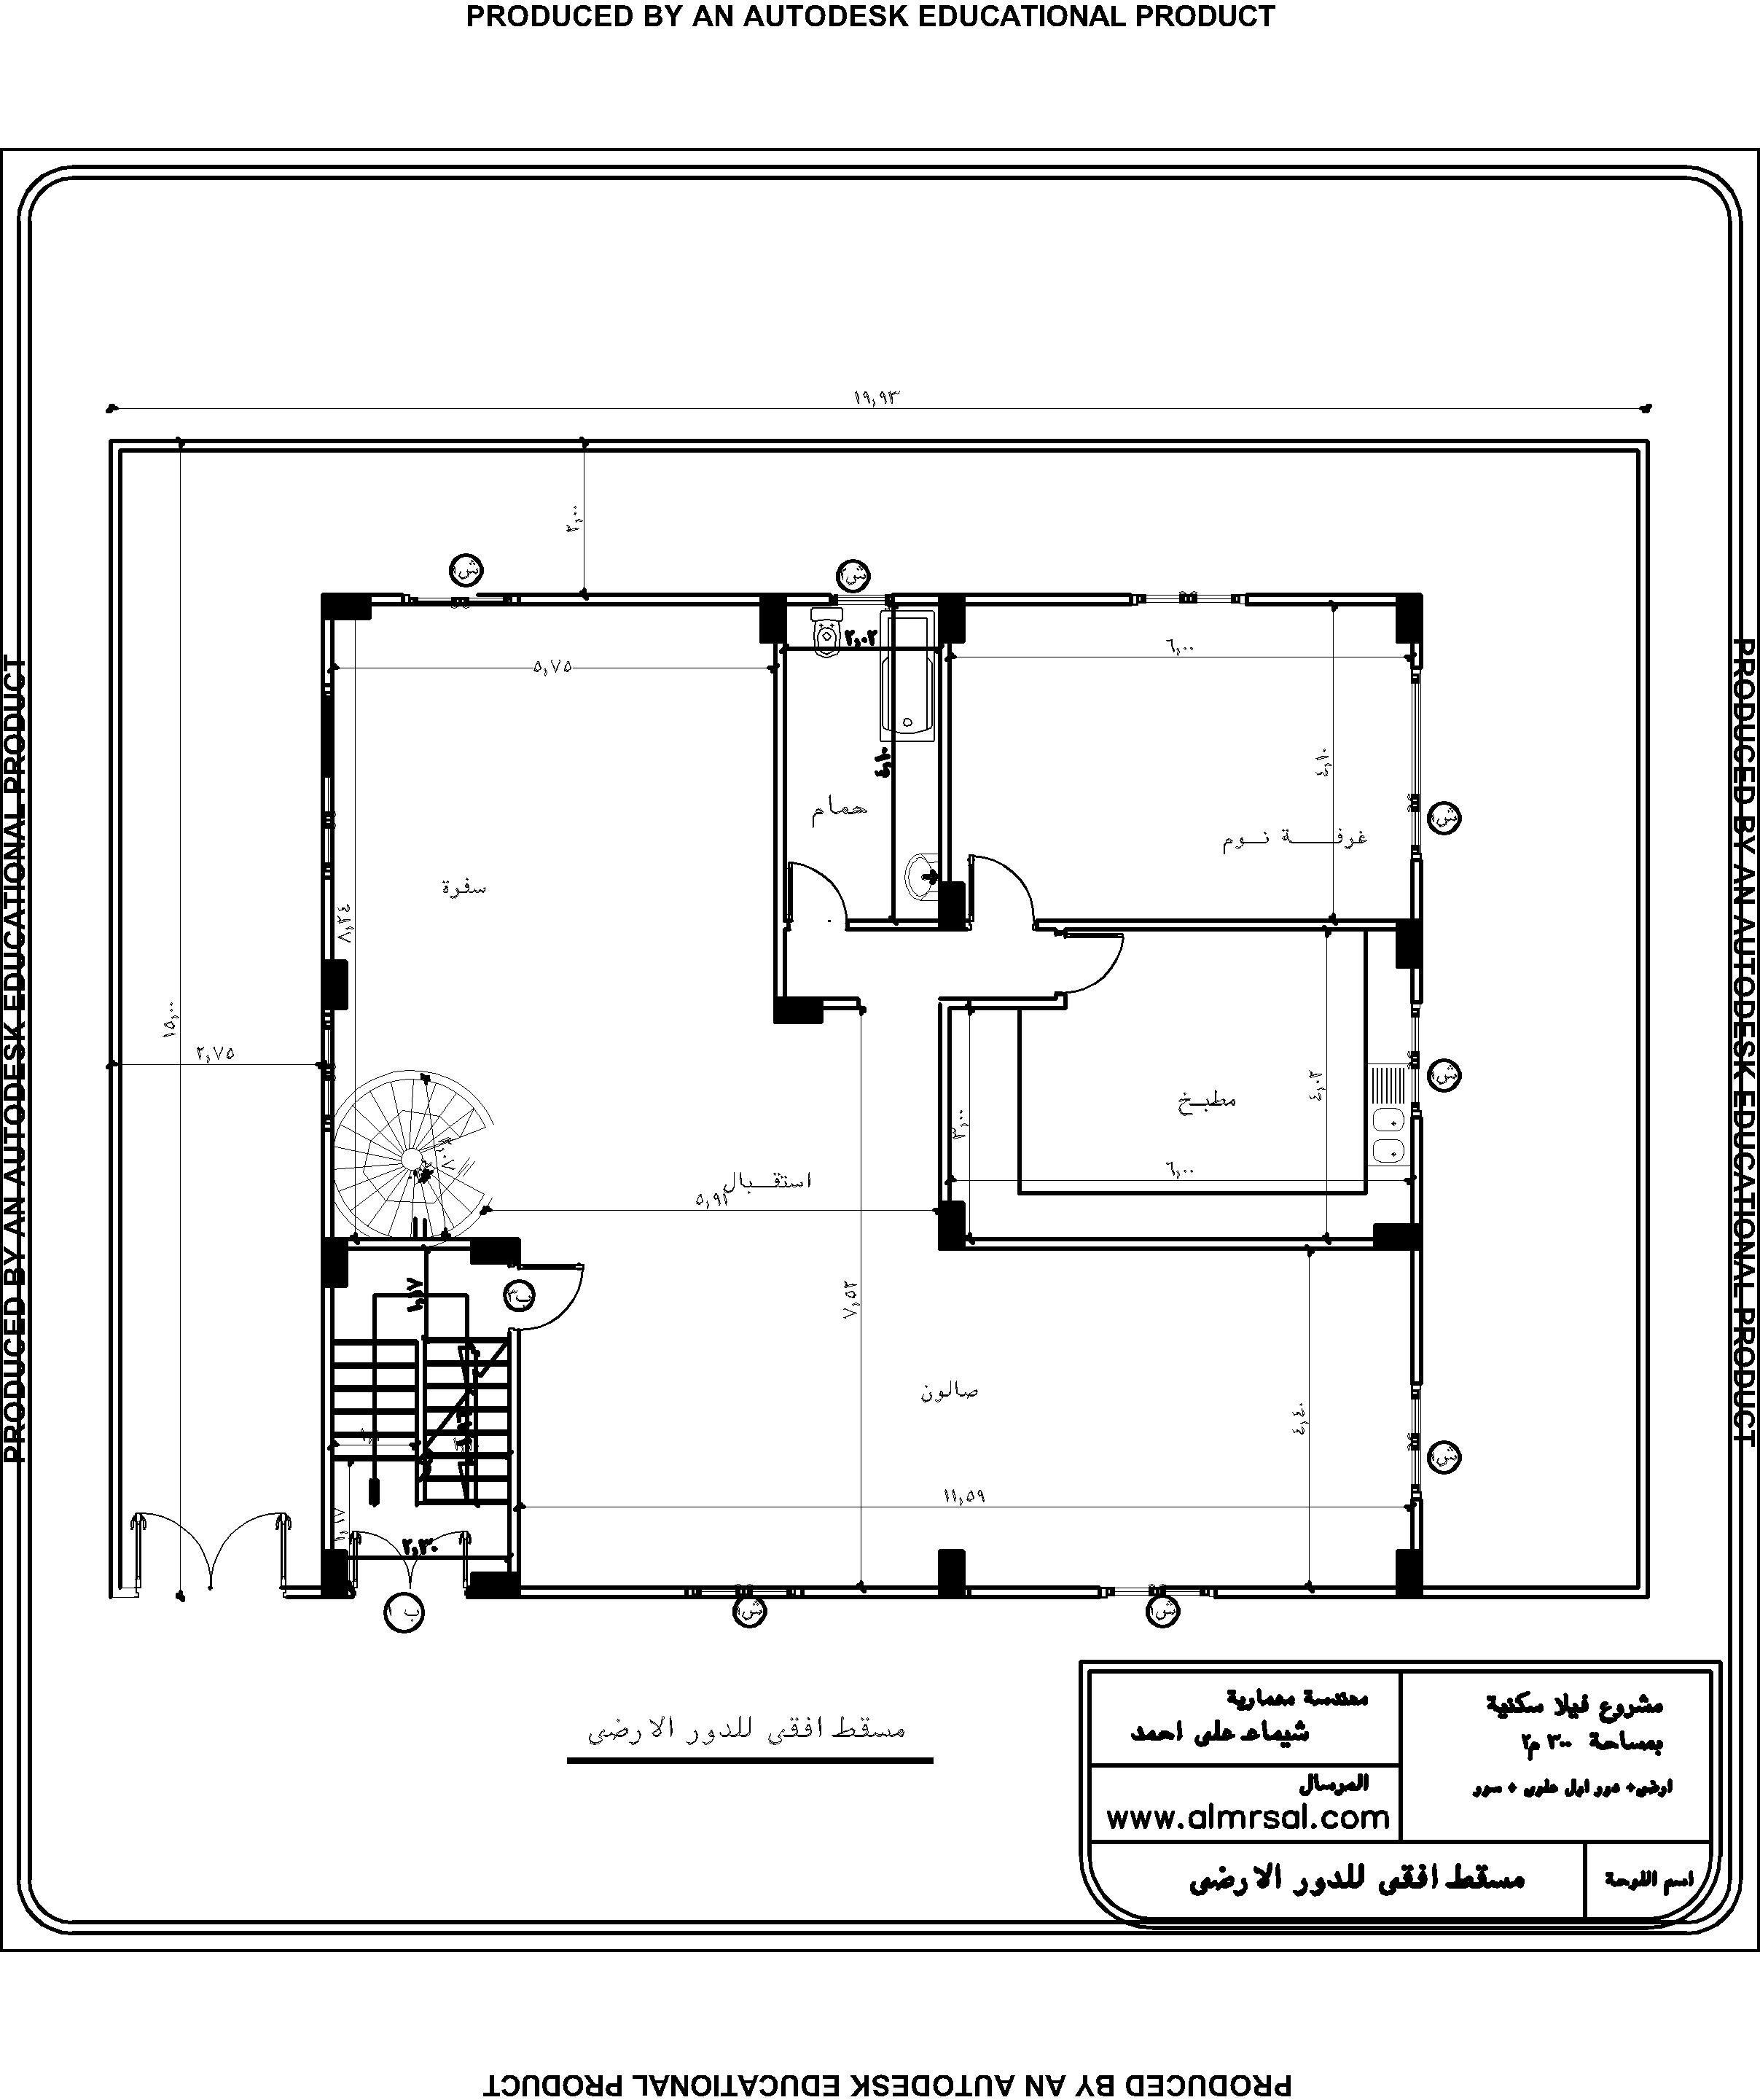 معماري الدور الارضي لفيلا سكنية 300م2